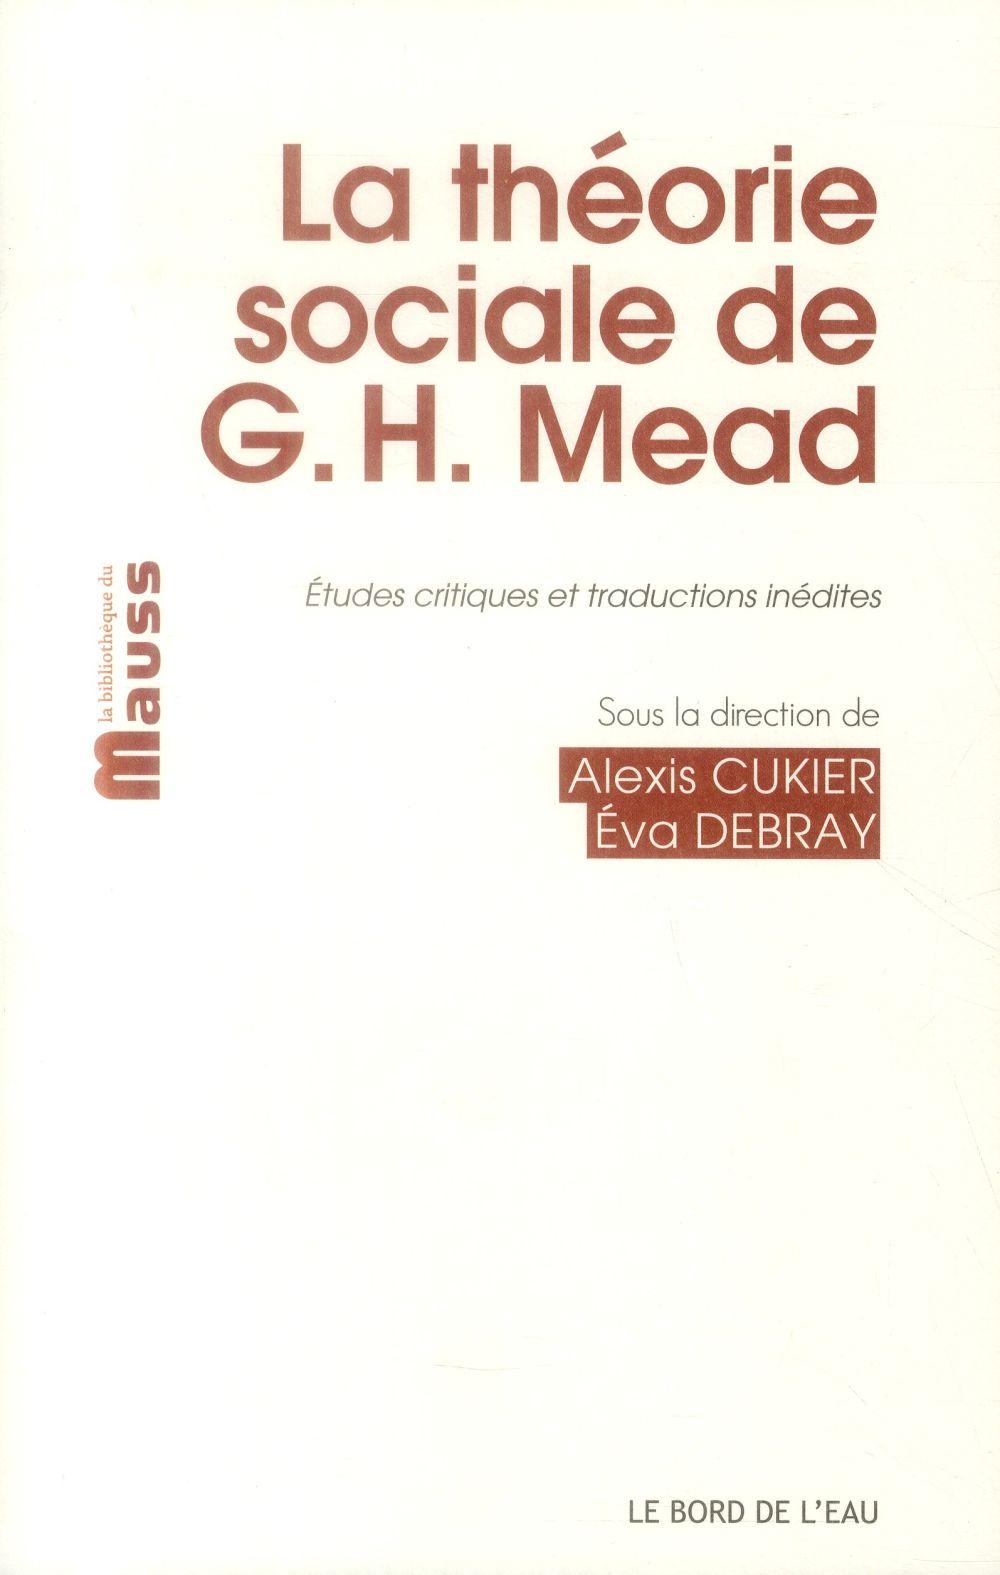 La théorie sociale de G.H. Mead